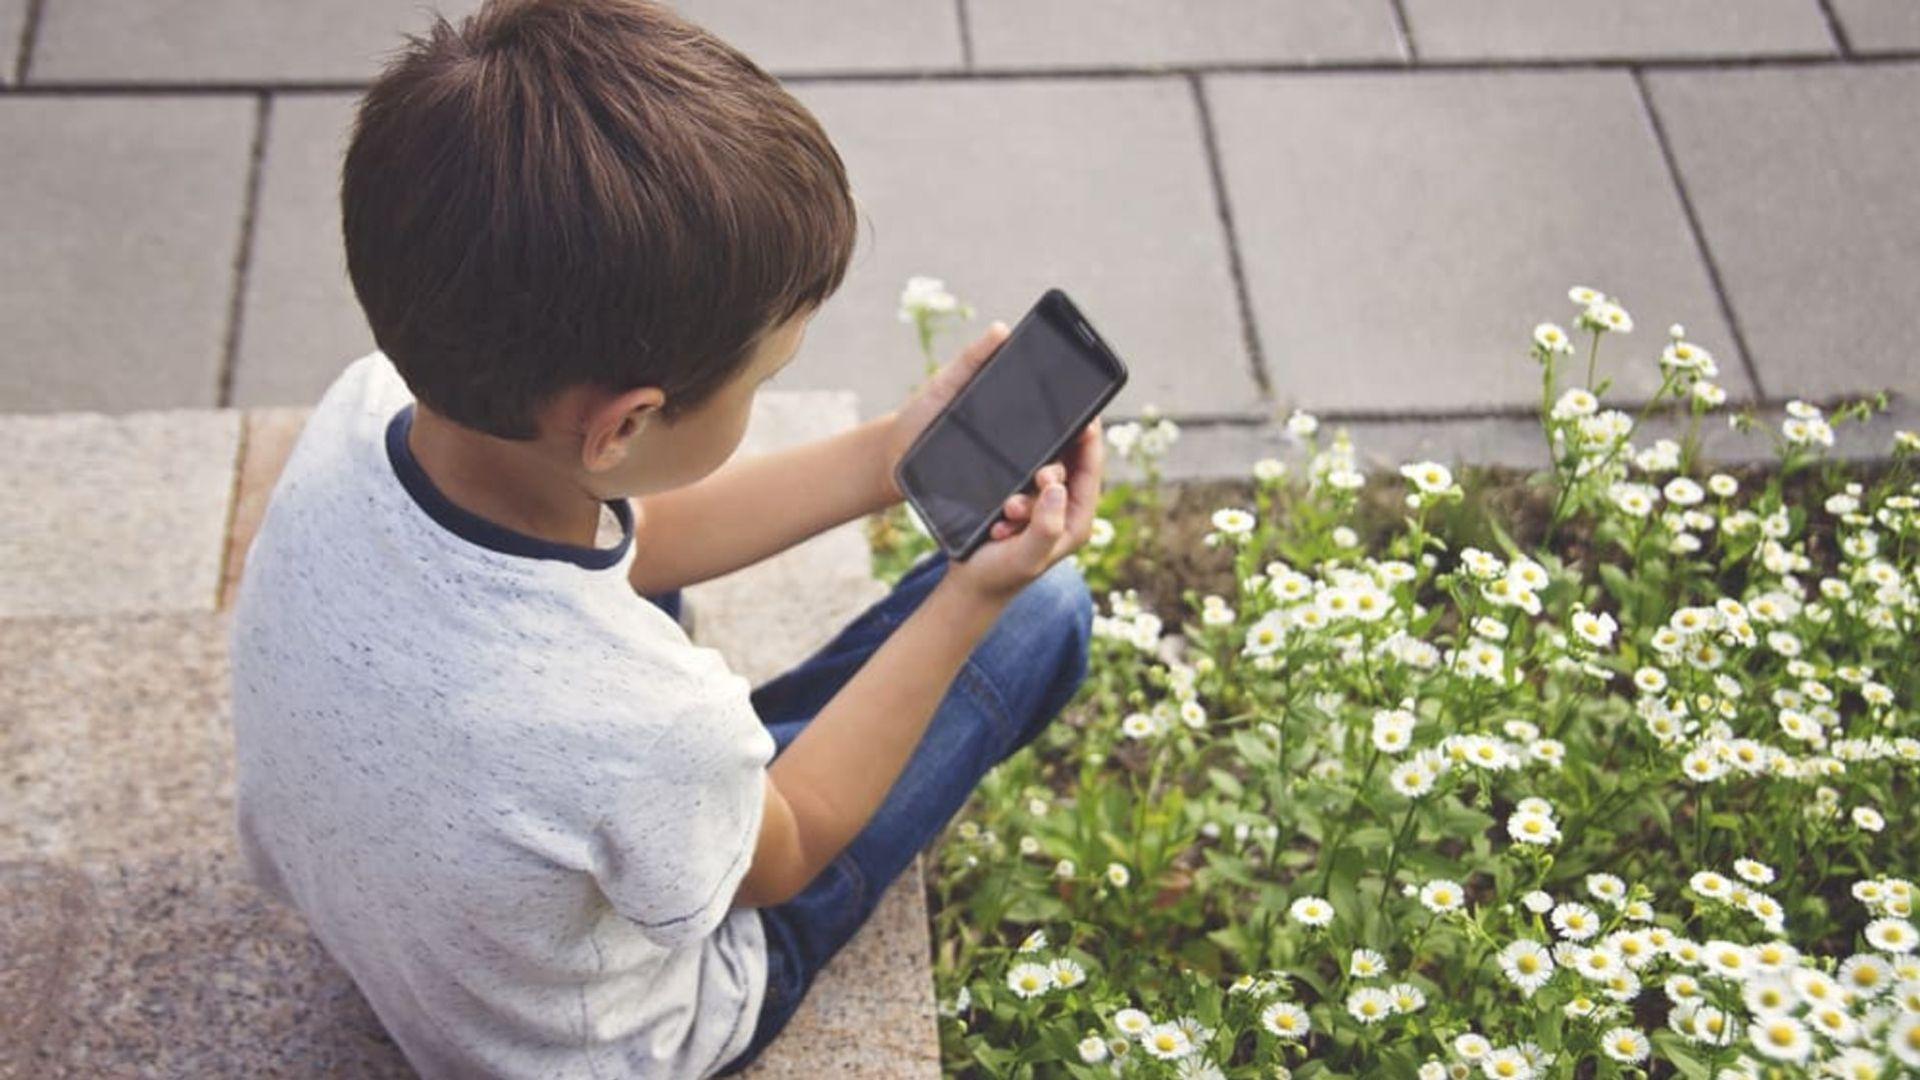 Ebeveynlere 8 online güvenlik uyarısı